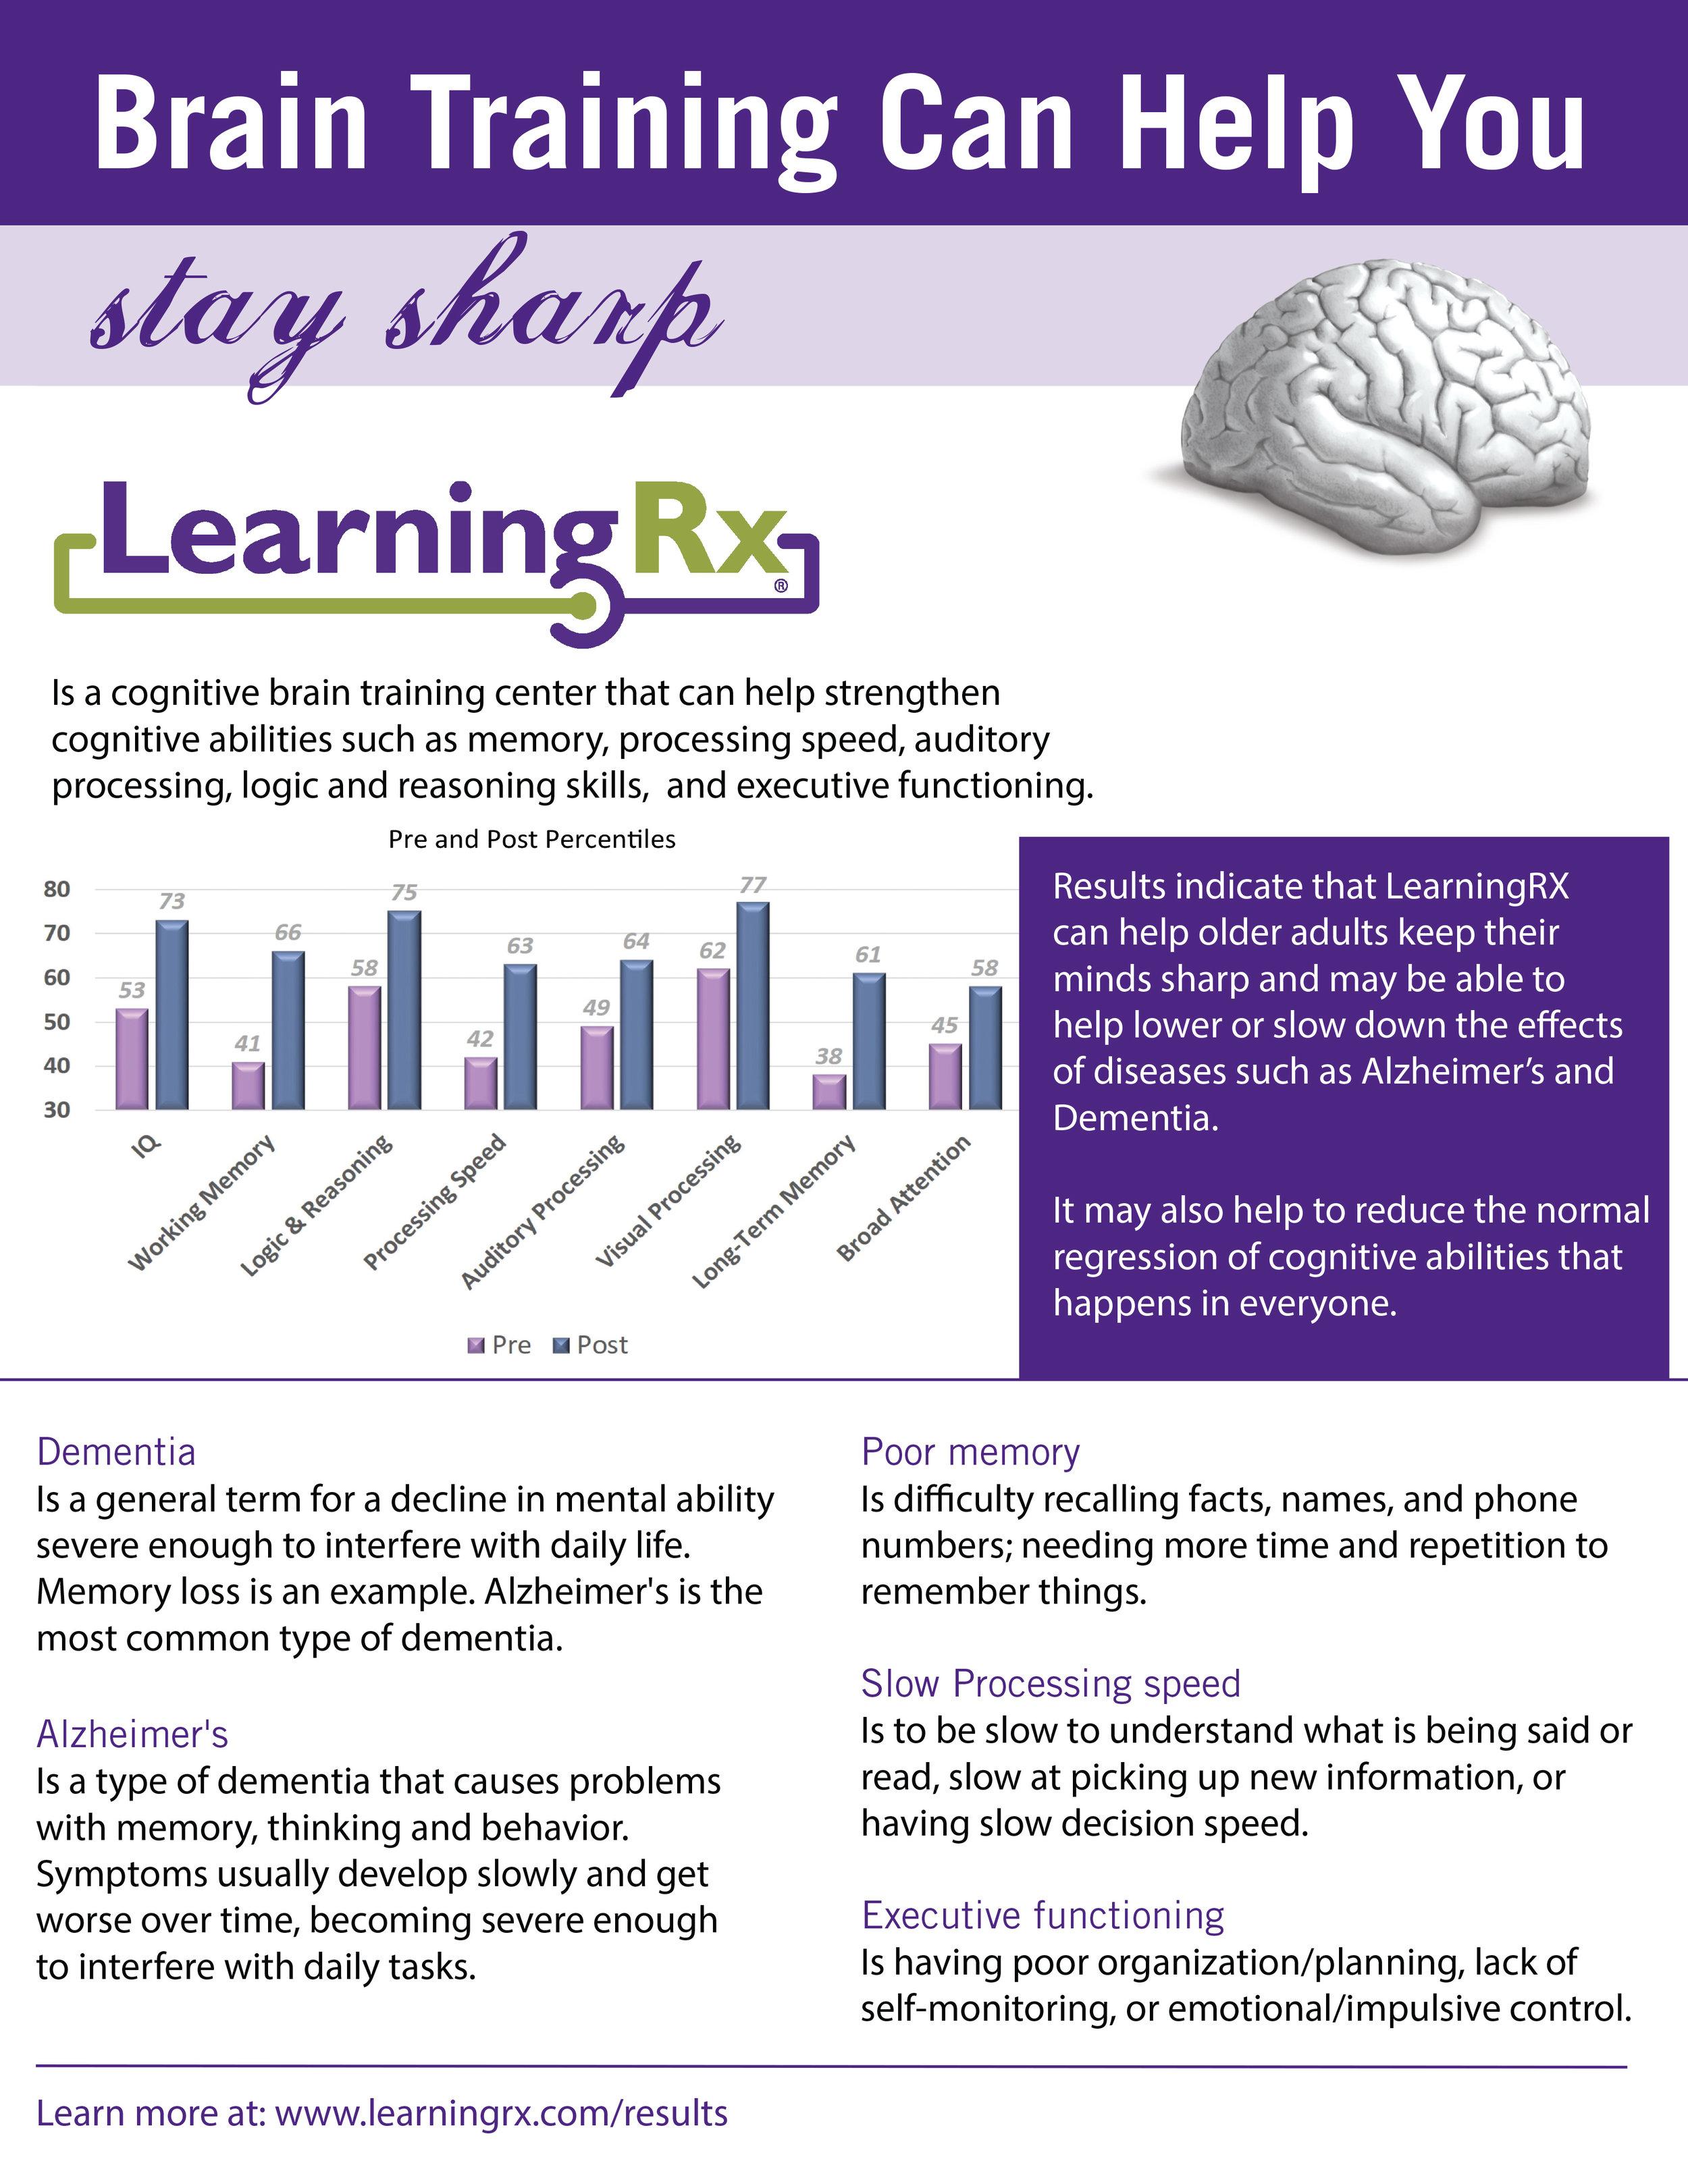 LearnrxHelps.jpg